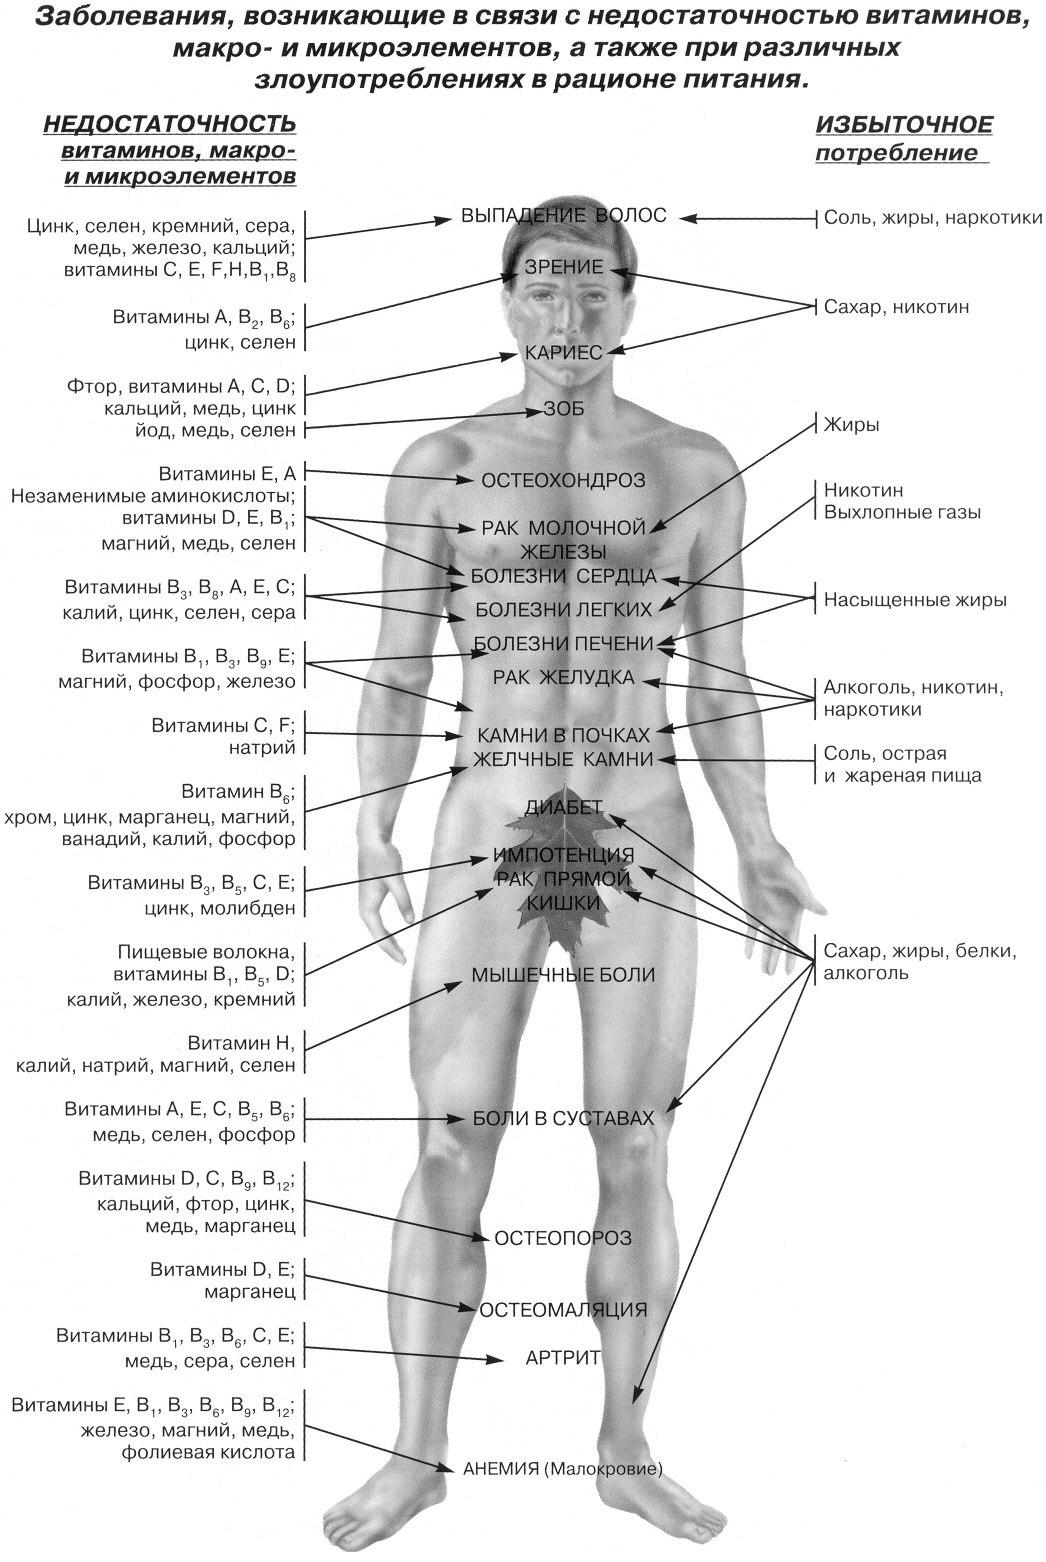 Заболевания, возникающие в связи с недостатком витаминов